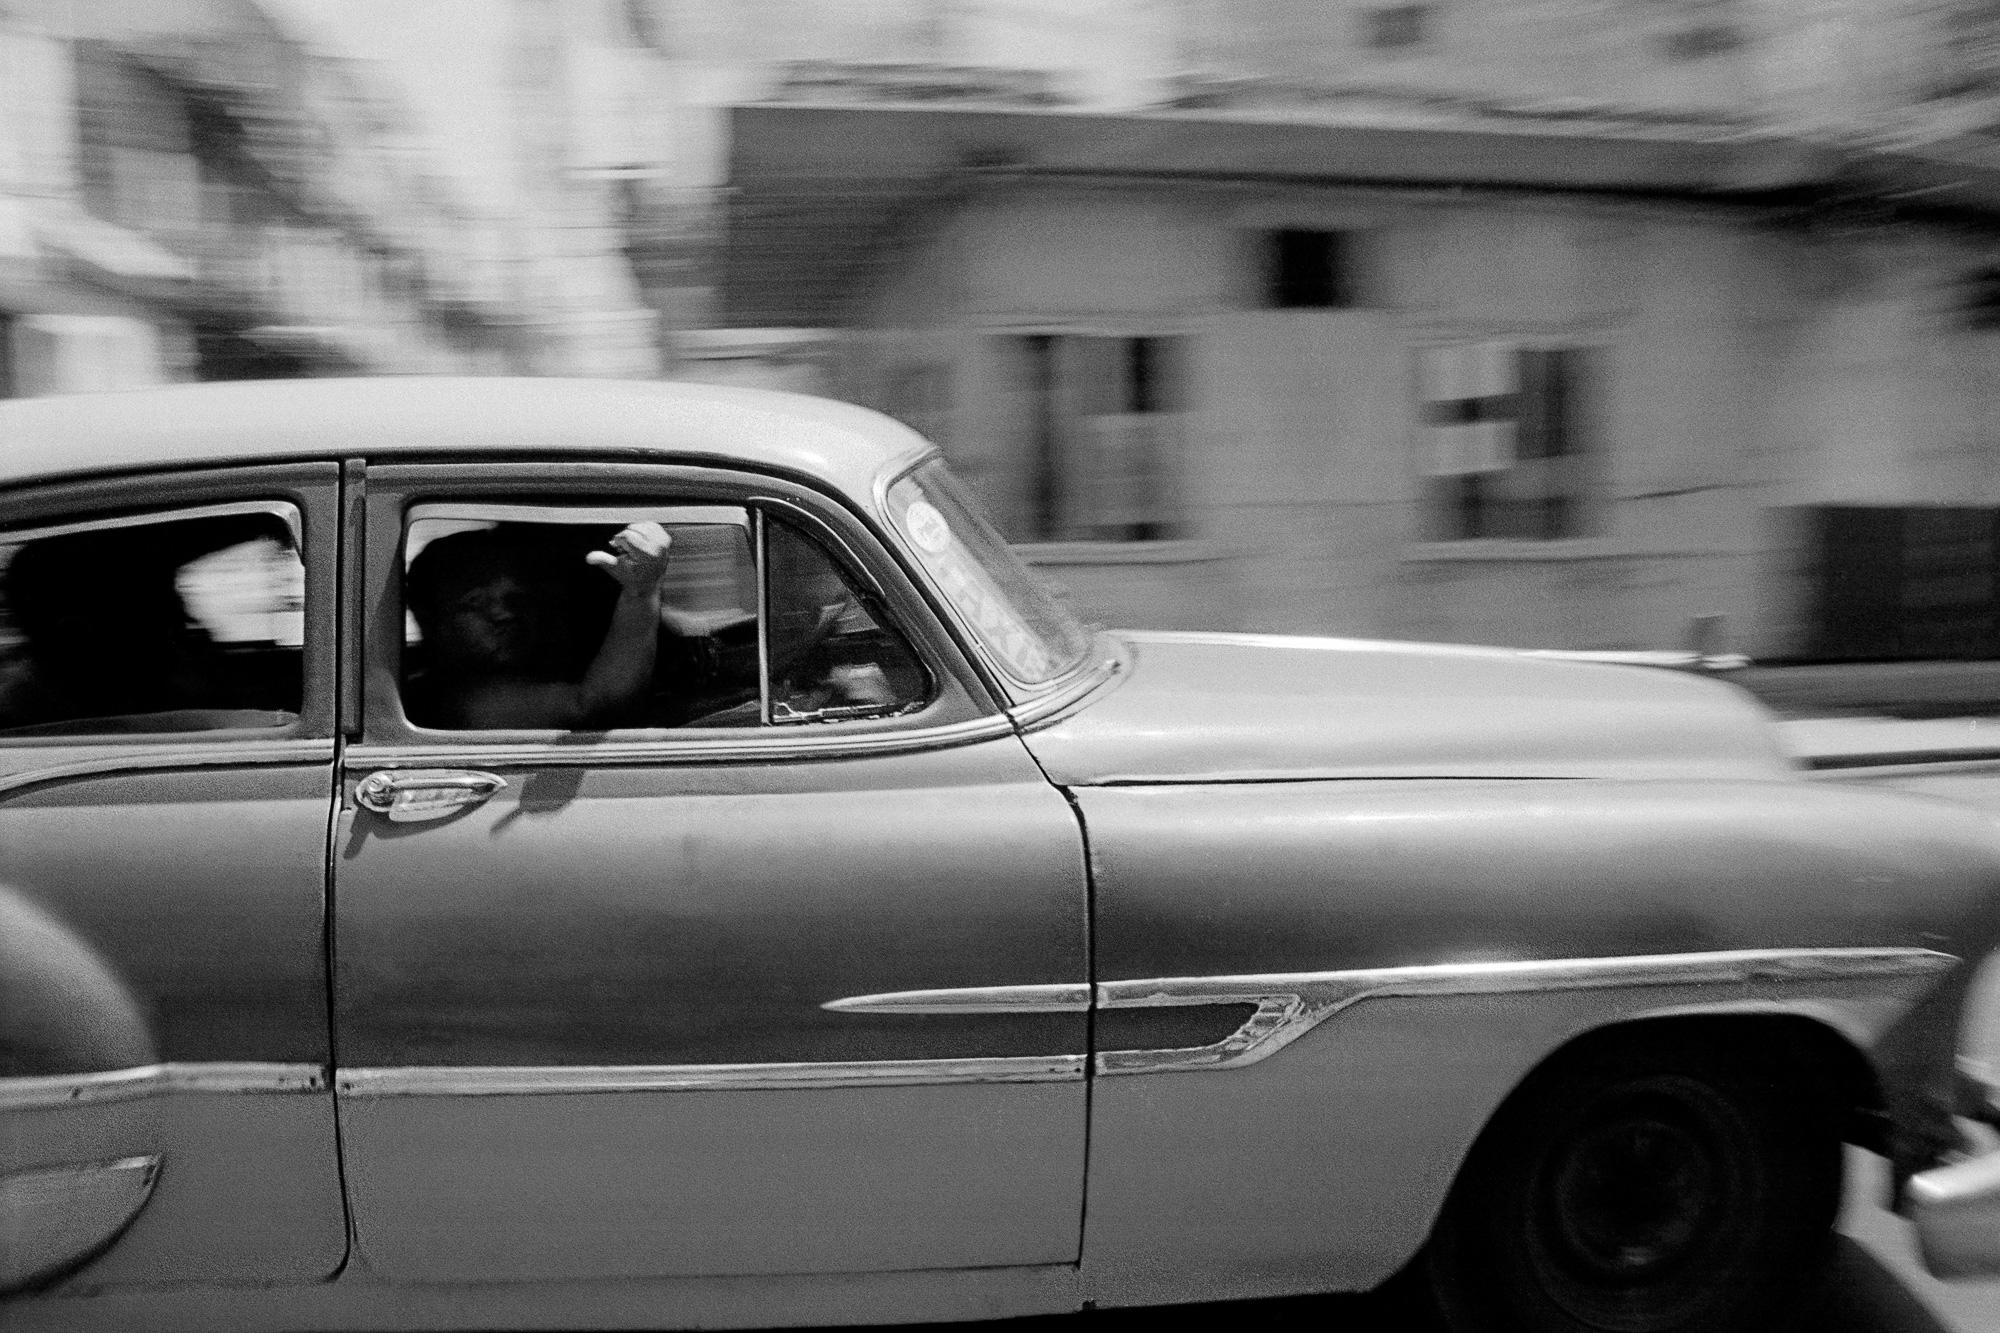 cuba_car_12x8_01.jpg